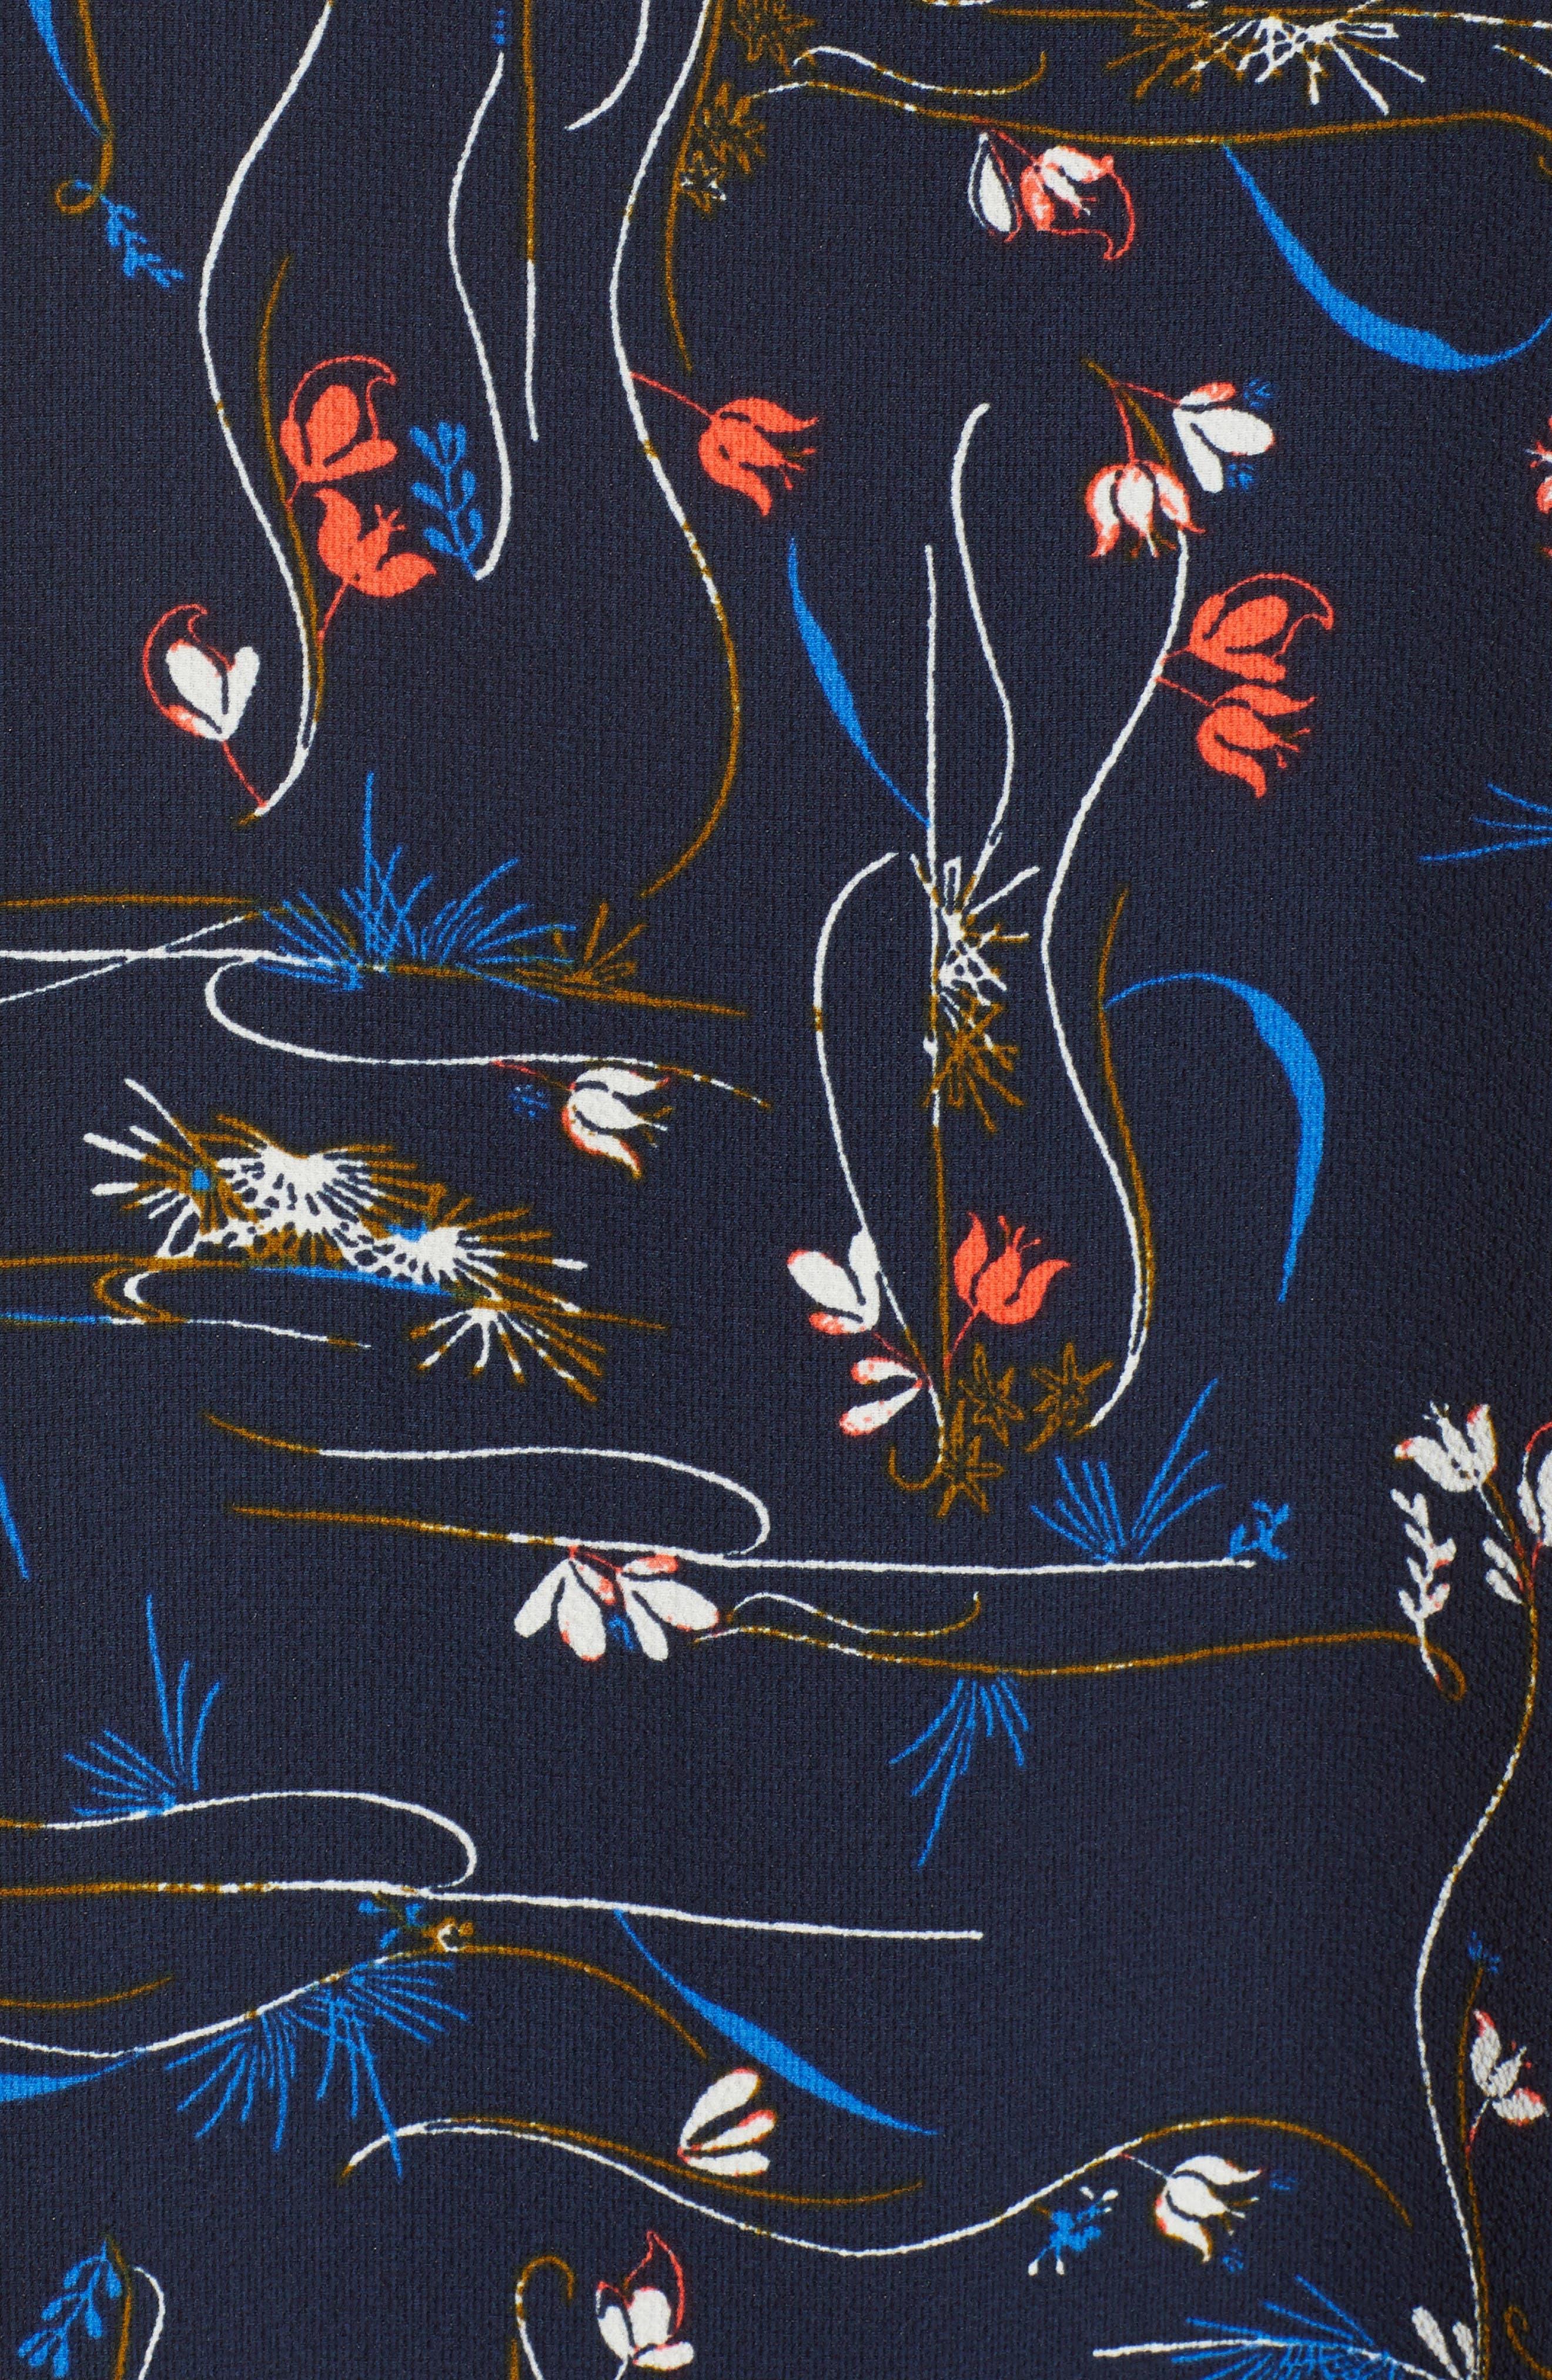 Zipper Back Ruffle Dress,                             Alternate thumbnail 6, color,                             Navy Iris Garden Flow